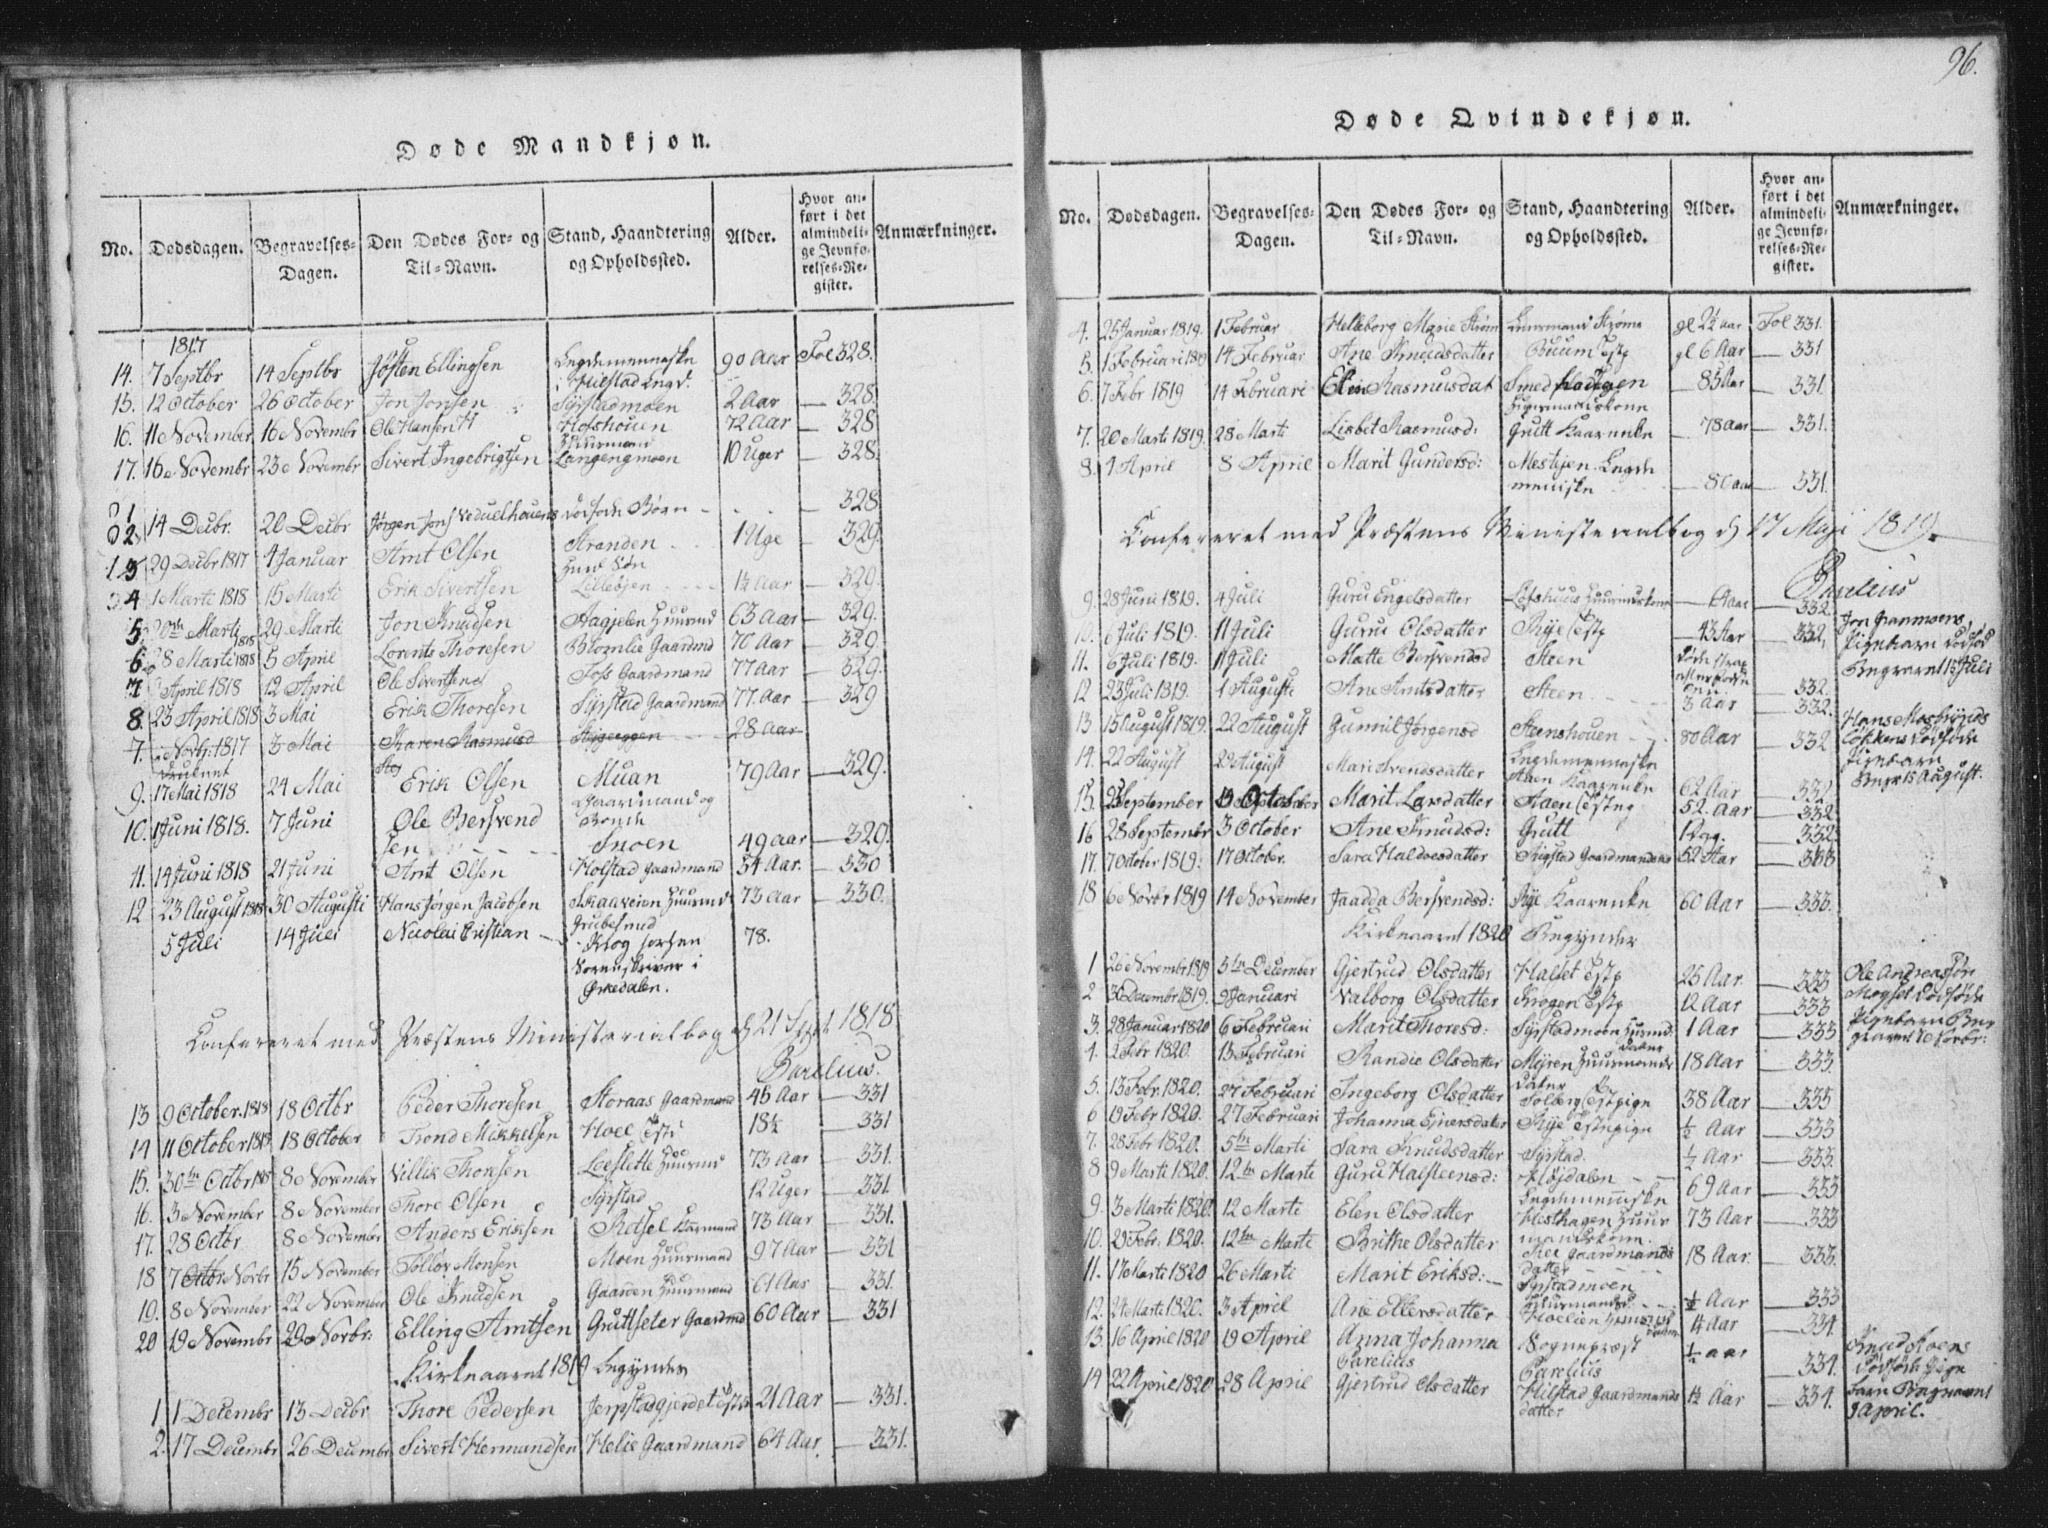 SAT, Ministerialprotokoller, klokkerbøker og fødselsregistre - Sør-Trøndelag, 672/L0862: Klokkerbok nr. 672C01, 1816-1831, s. 96